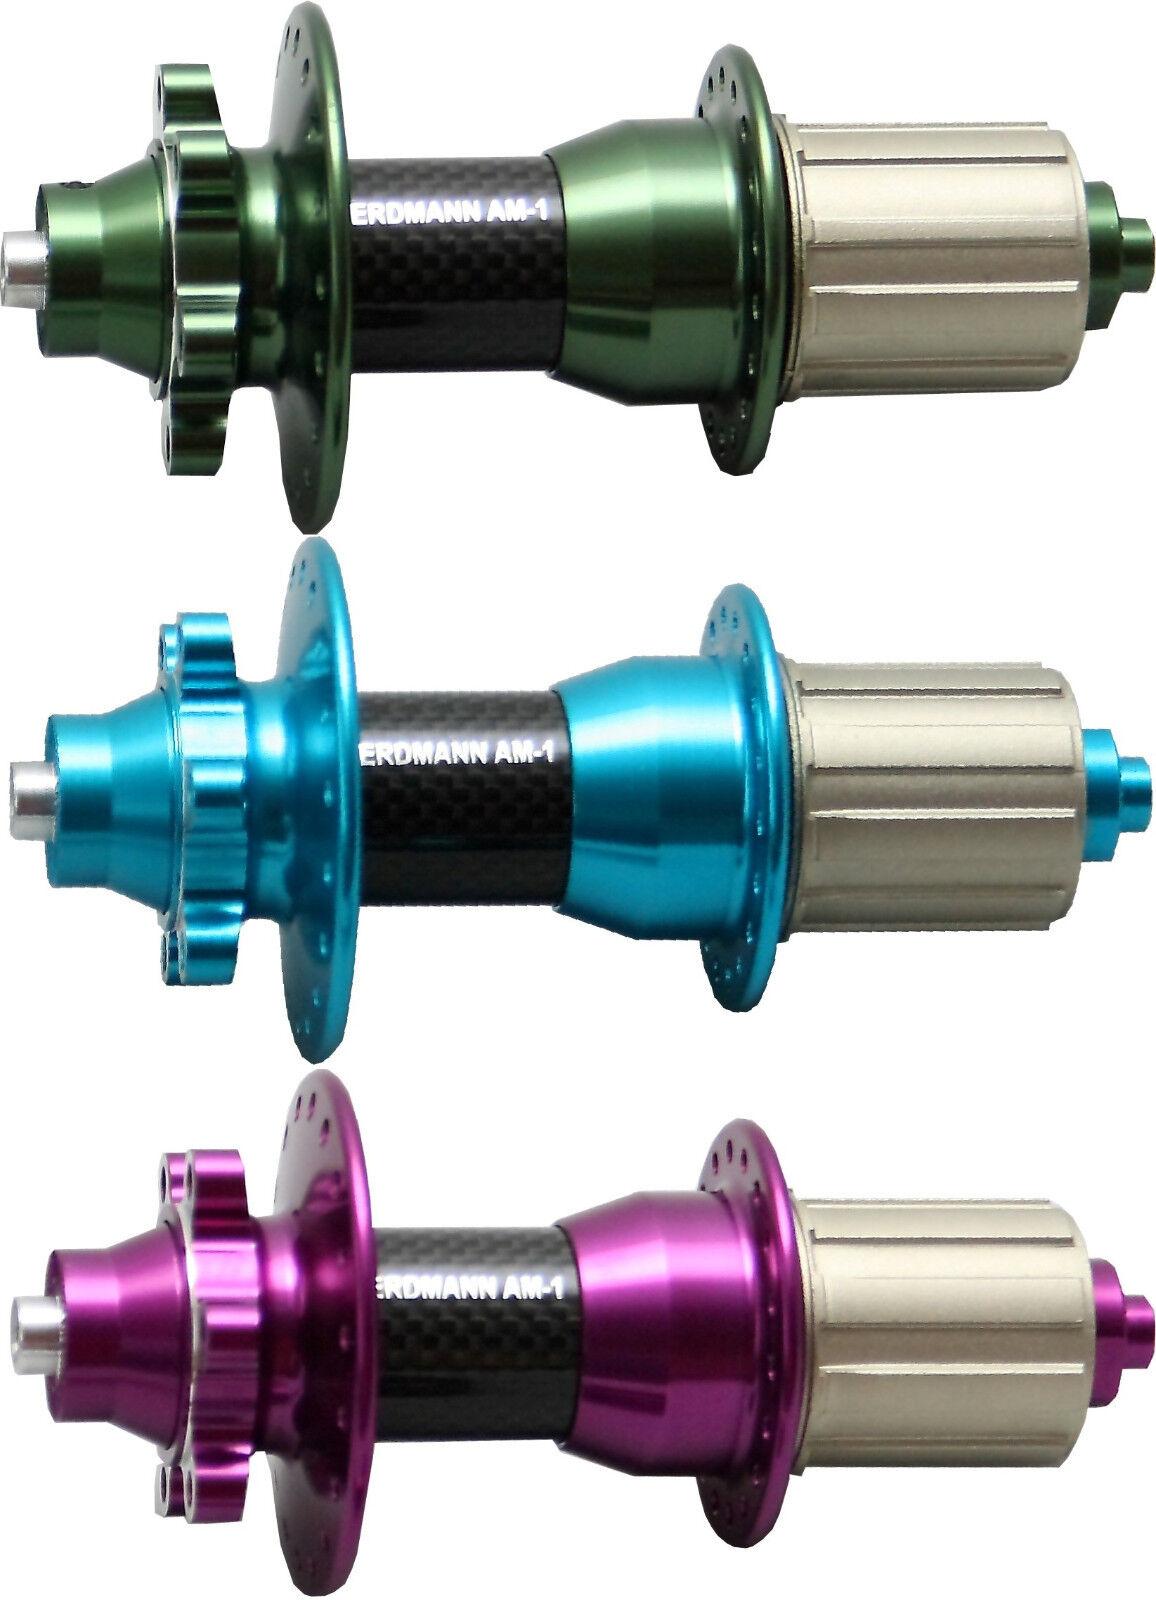 Nuevo Cubo de rueda Erdmann Am-1 Carbono 36 agujeros Shimano Rueda libre con 6